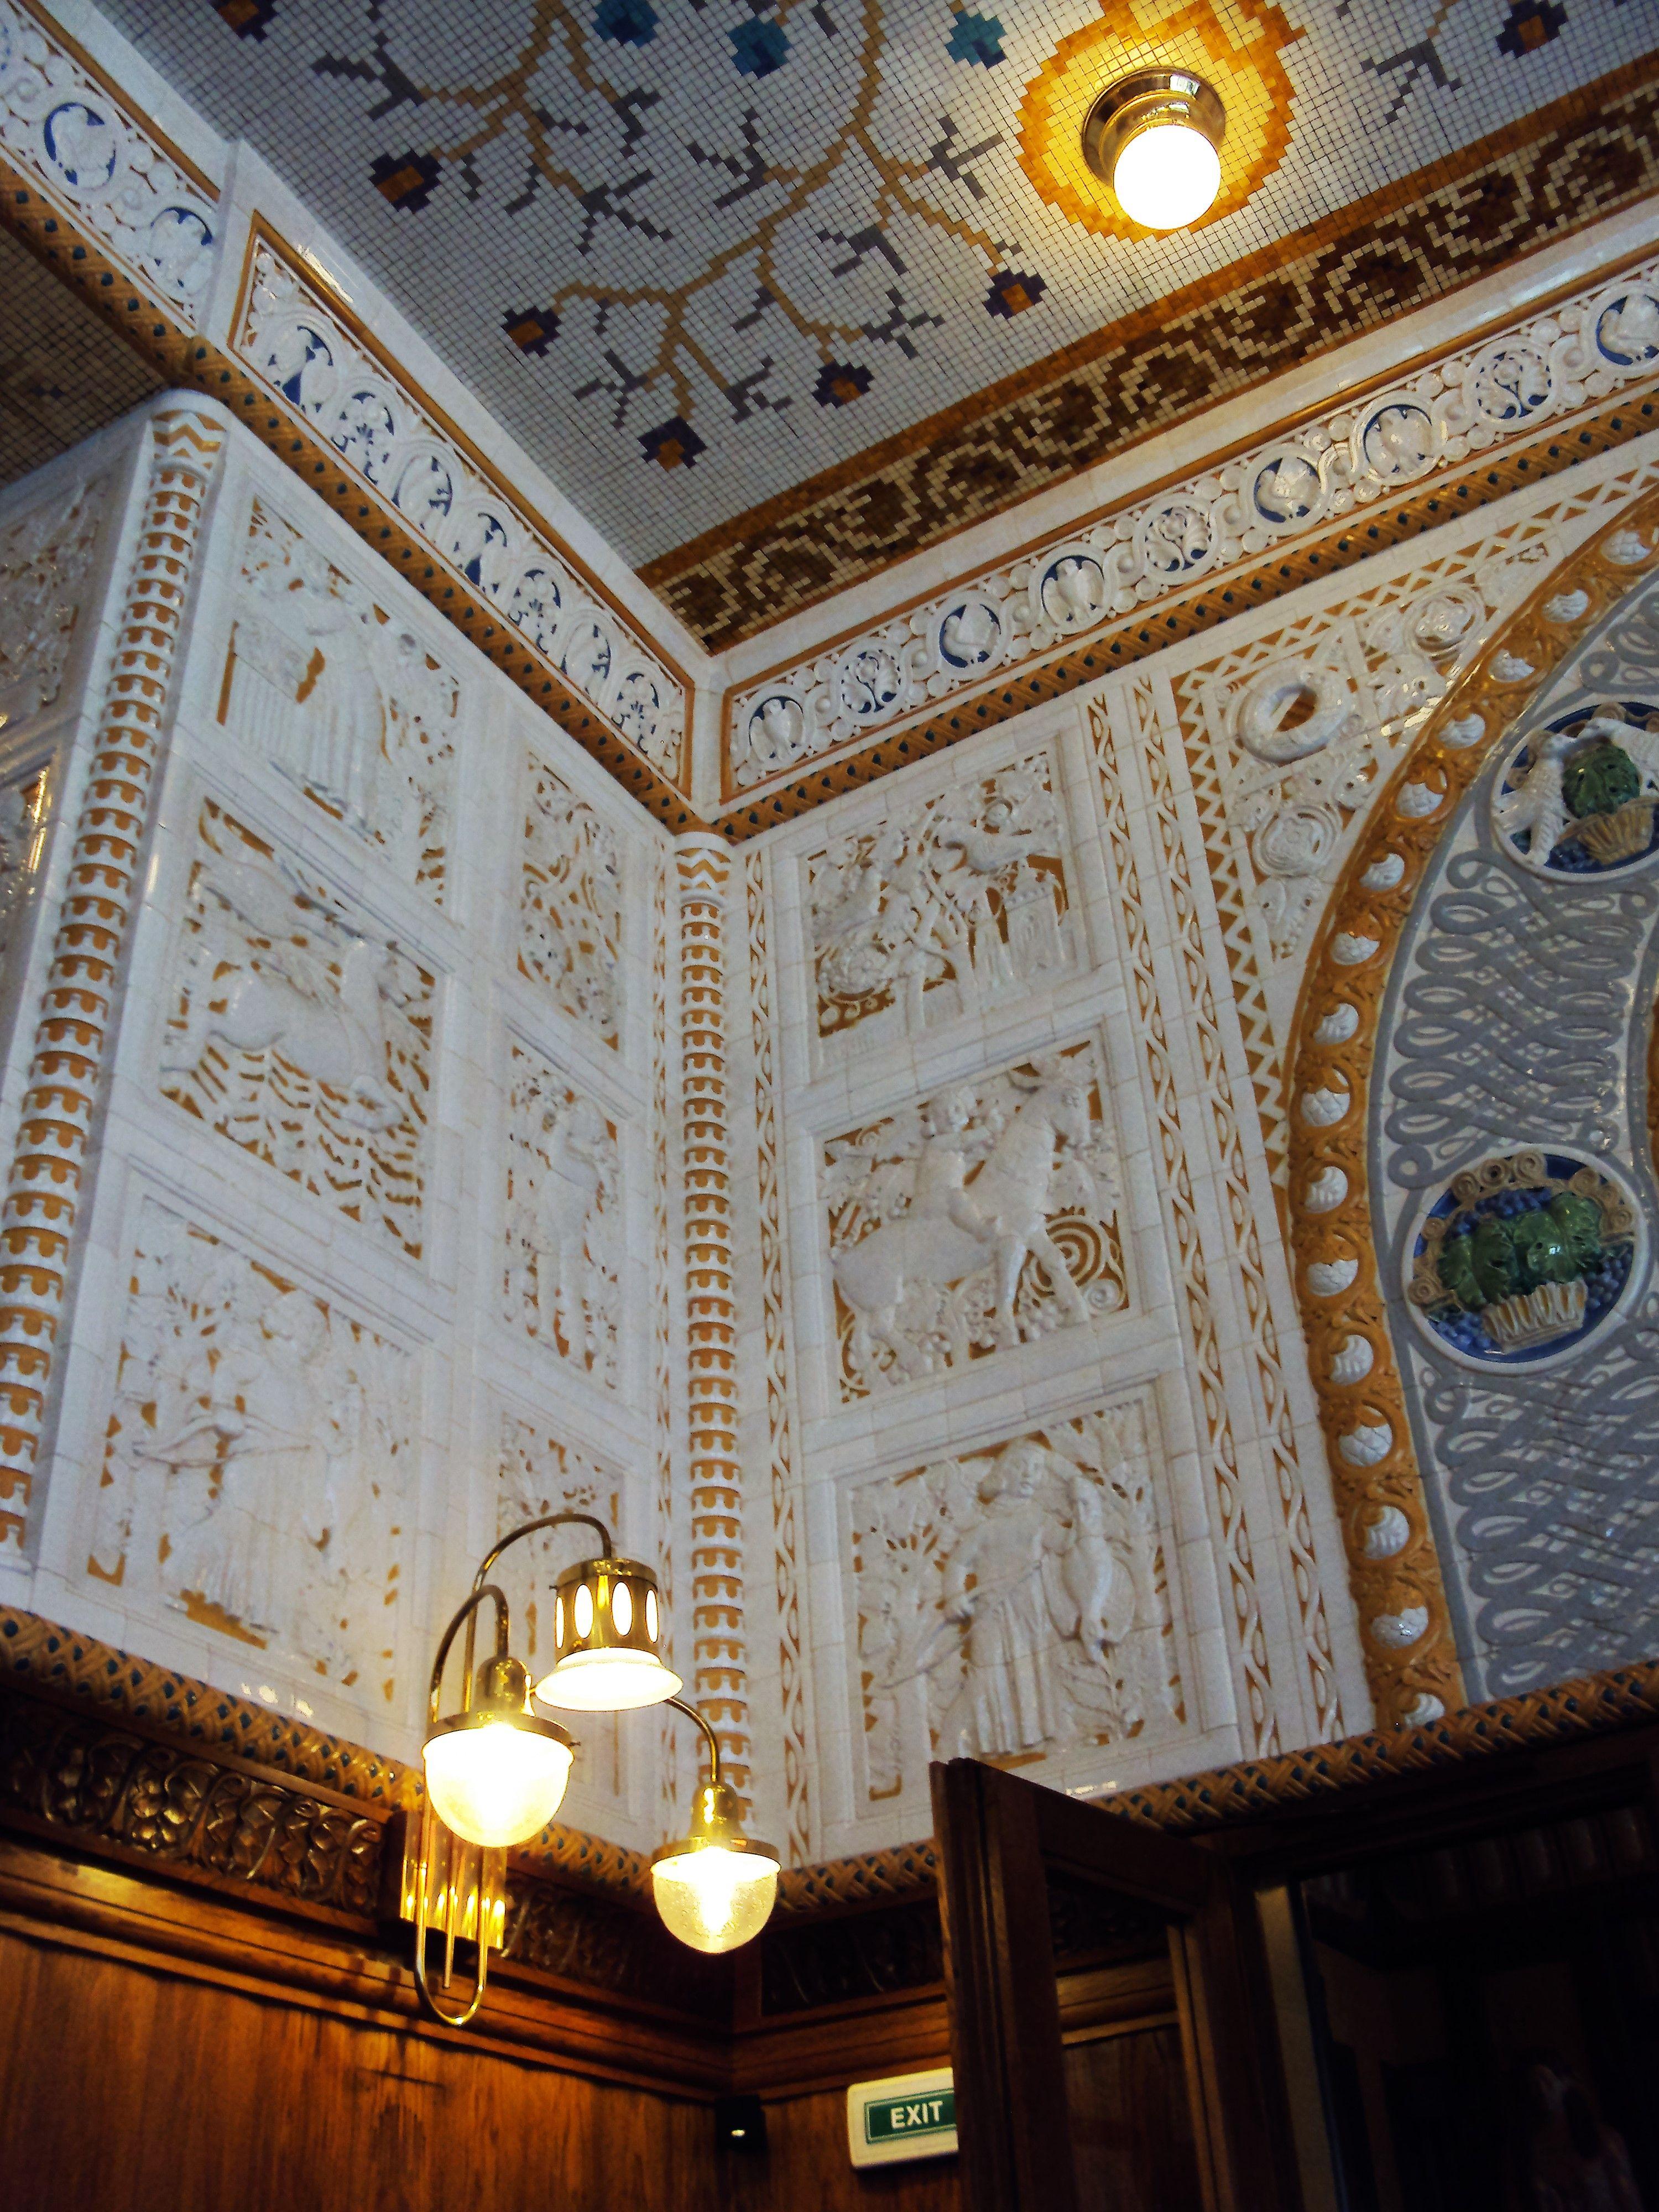 Café Imperial: detalhe da decoração em cerâmica